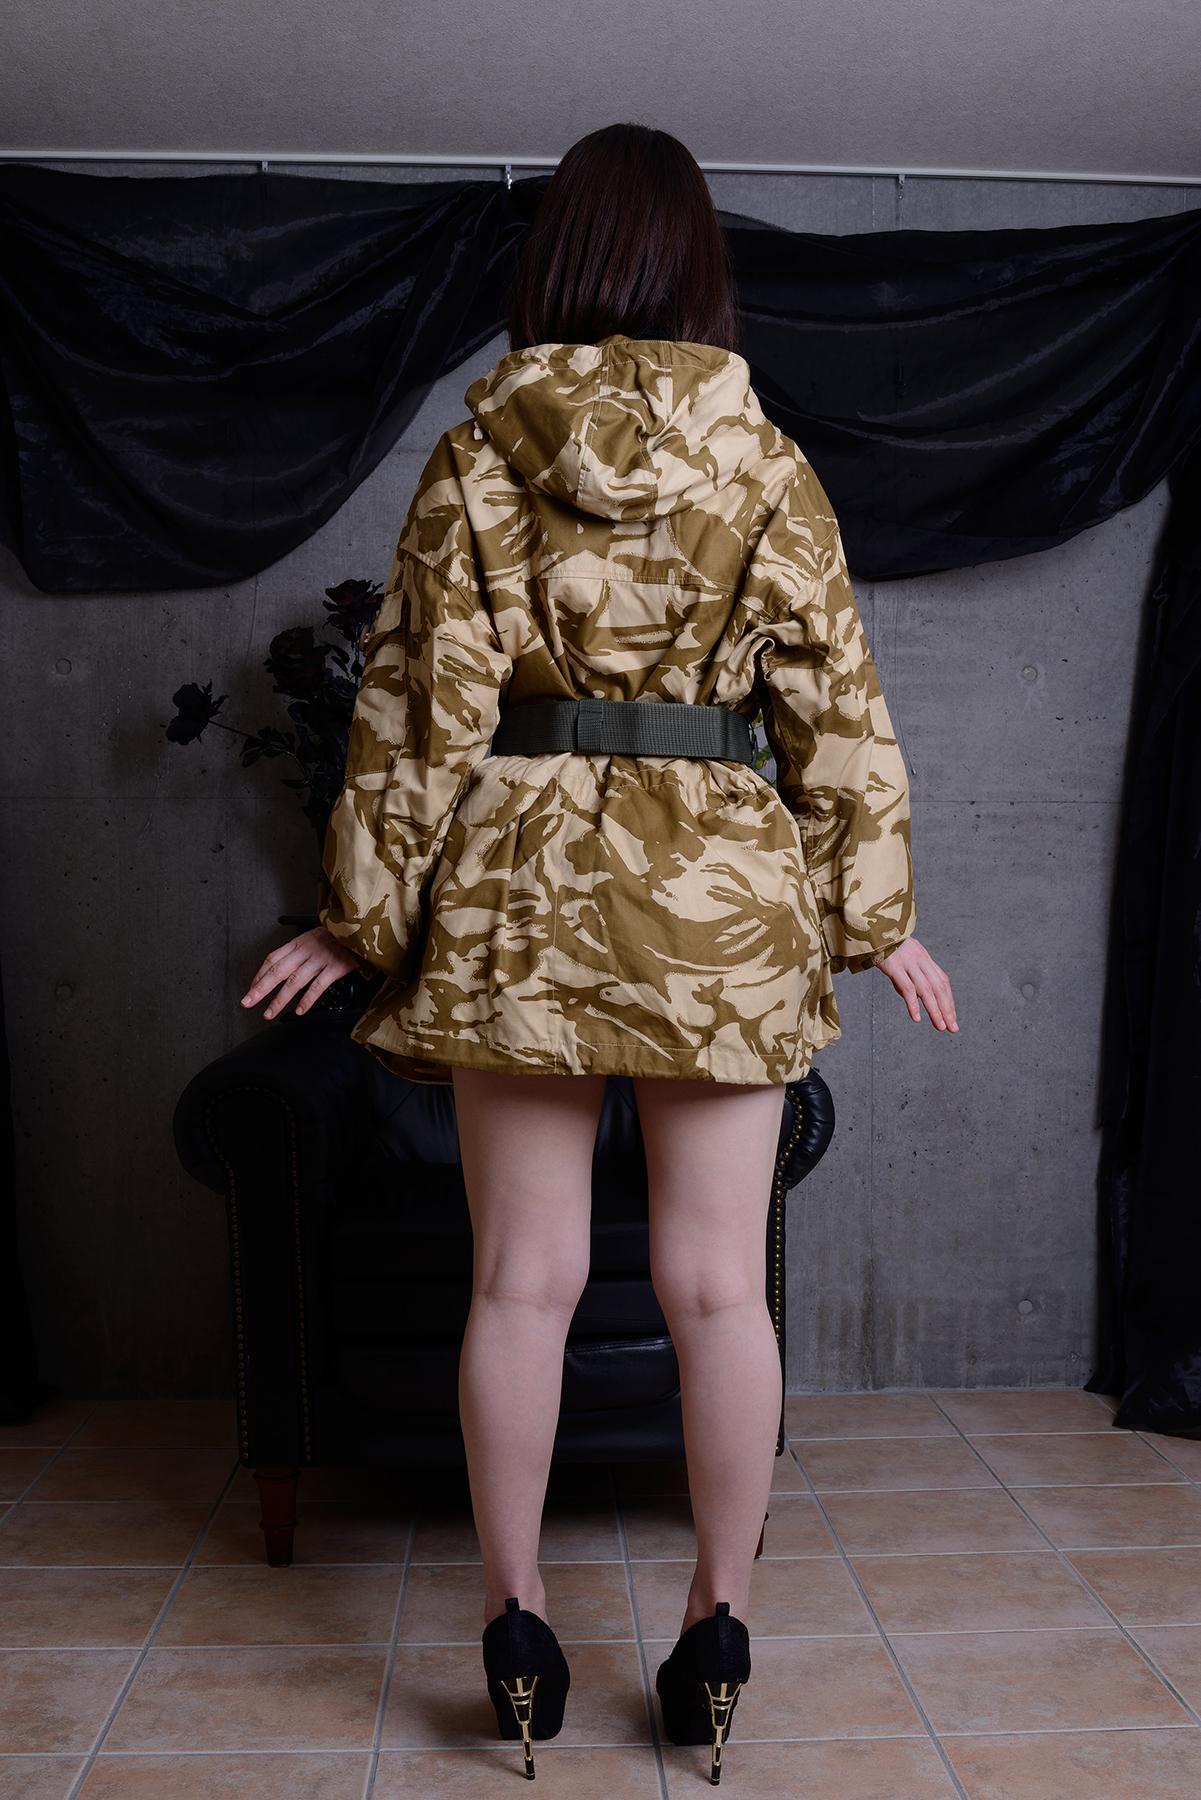 SASスモック/2003年イラク戦争余剰放出品